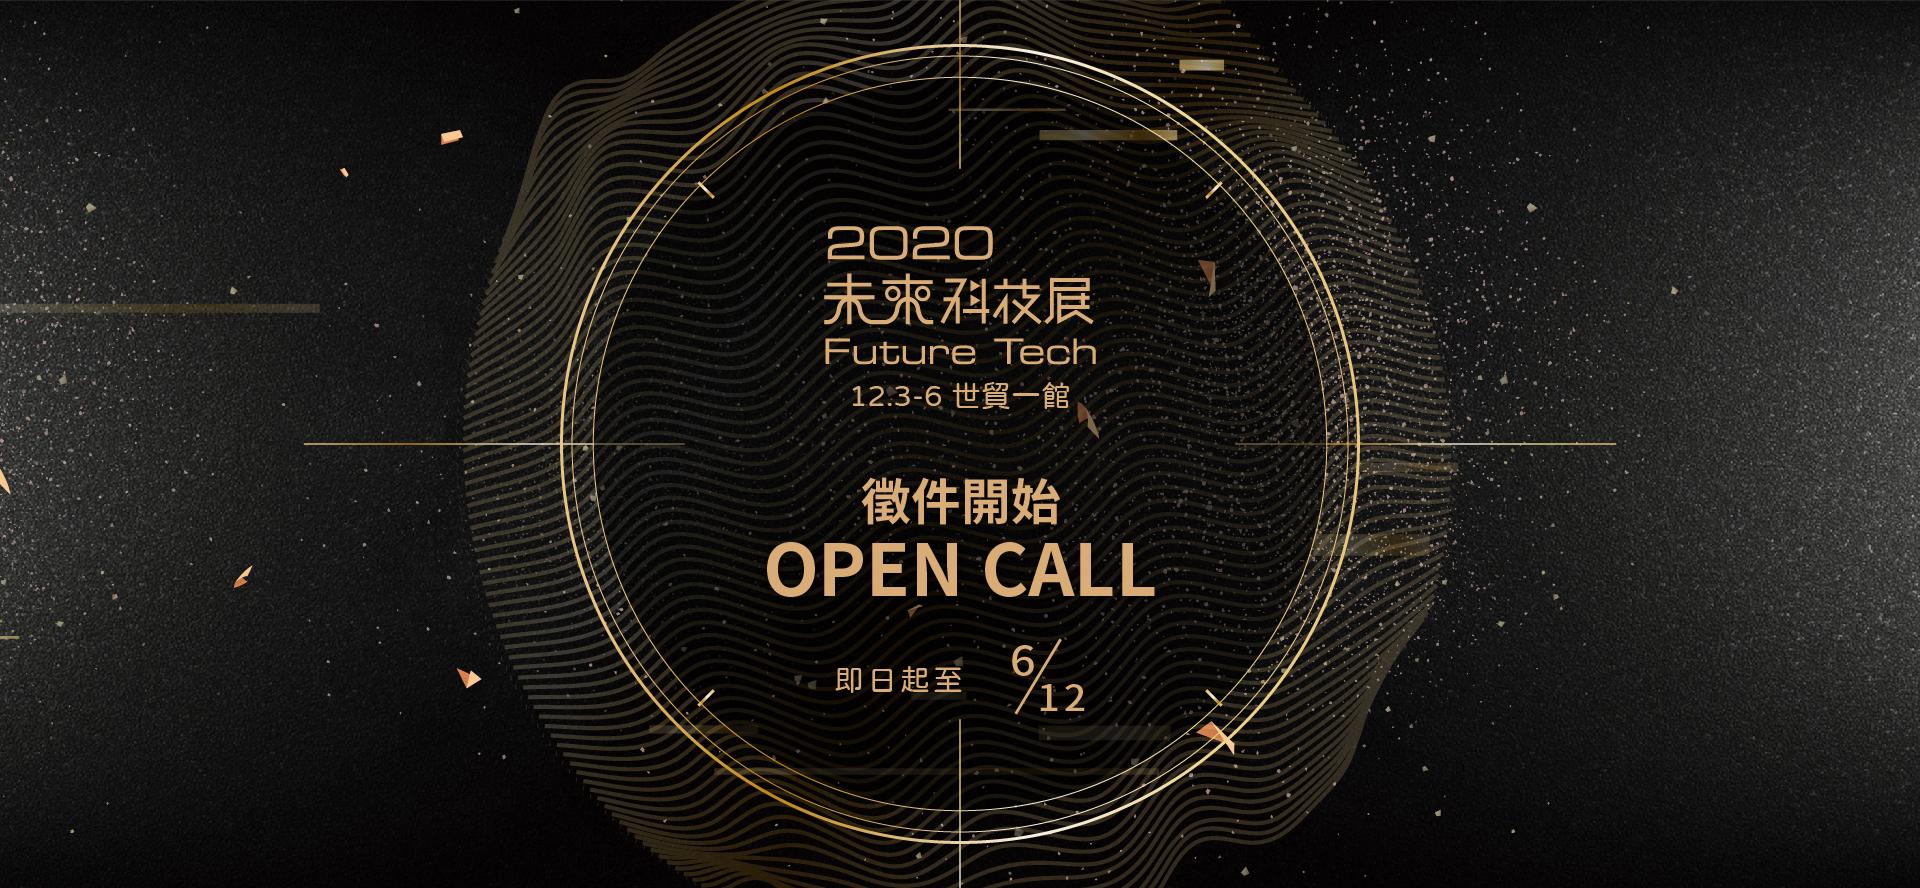 徵集未來最強科技~2020未來科技展徵件5/11啟動!的標題圖片